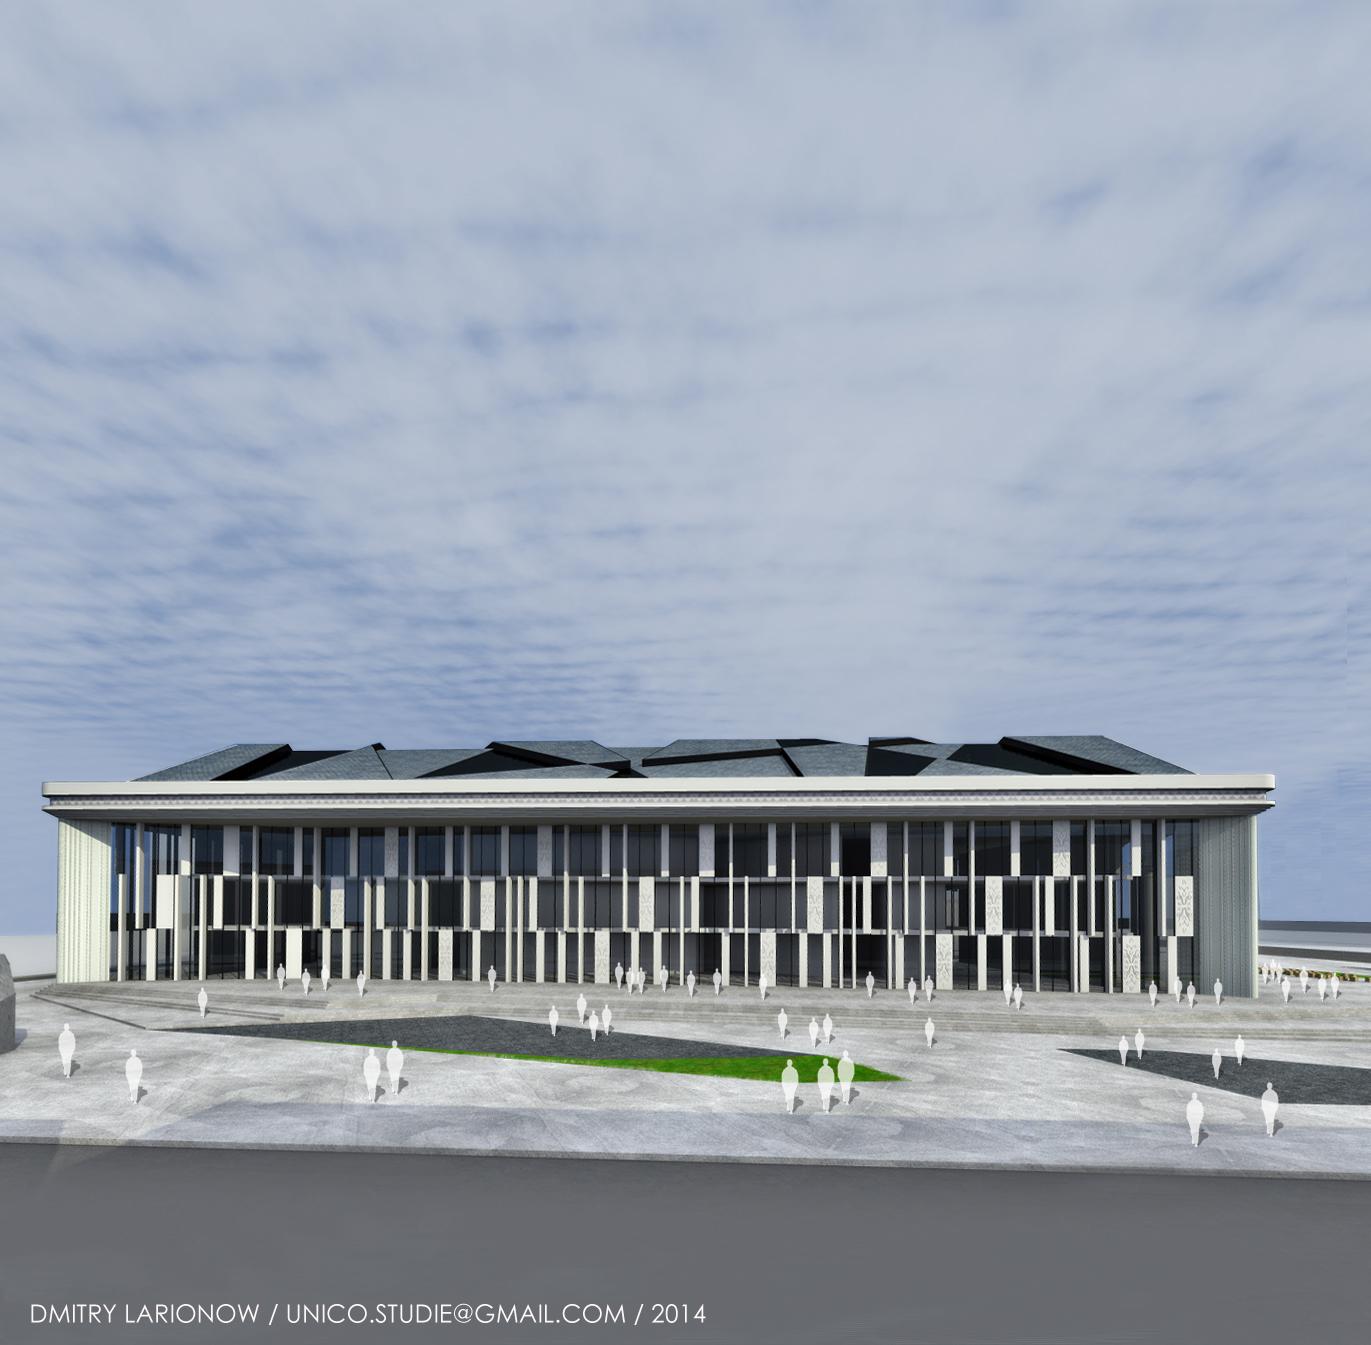 Разработка архитектурной концепции театра оперы и балета фото f_12452f67324ee9e6.jpg